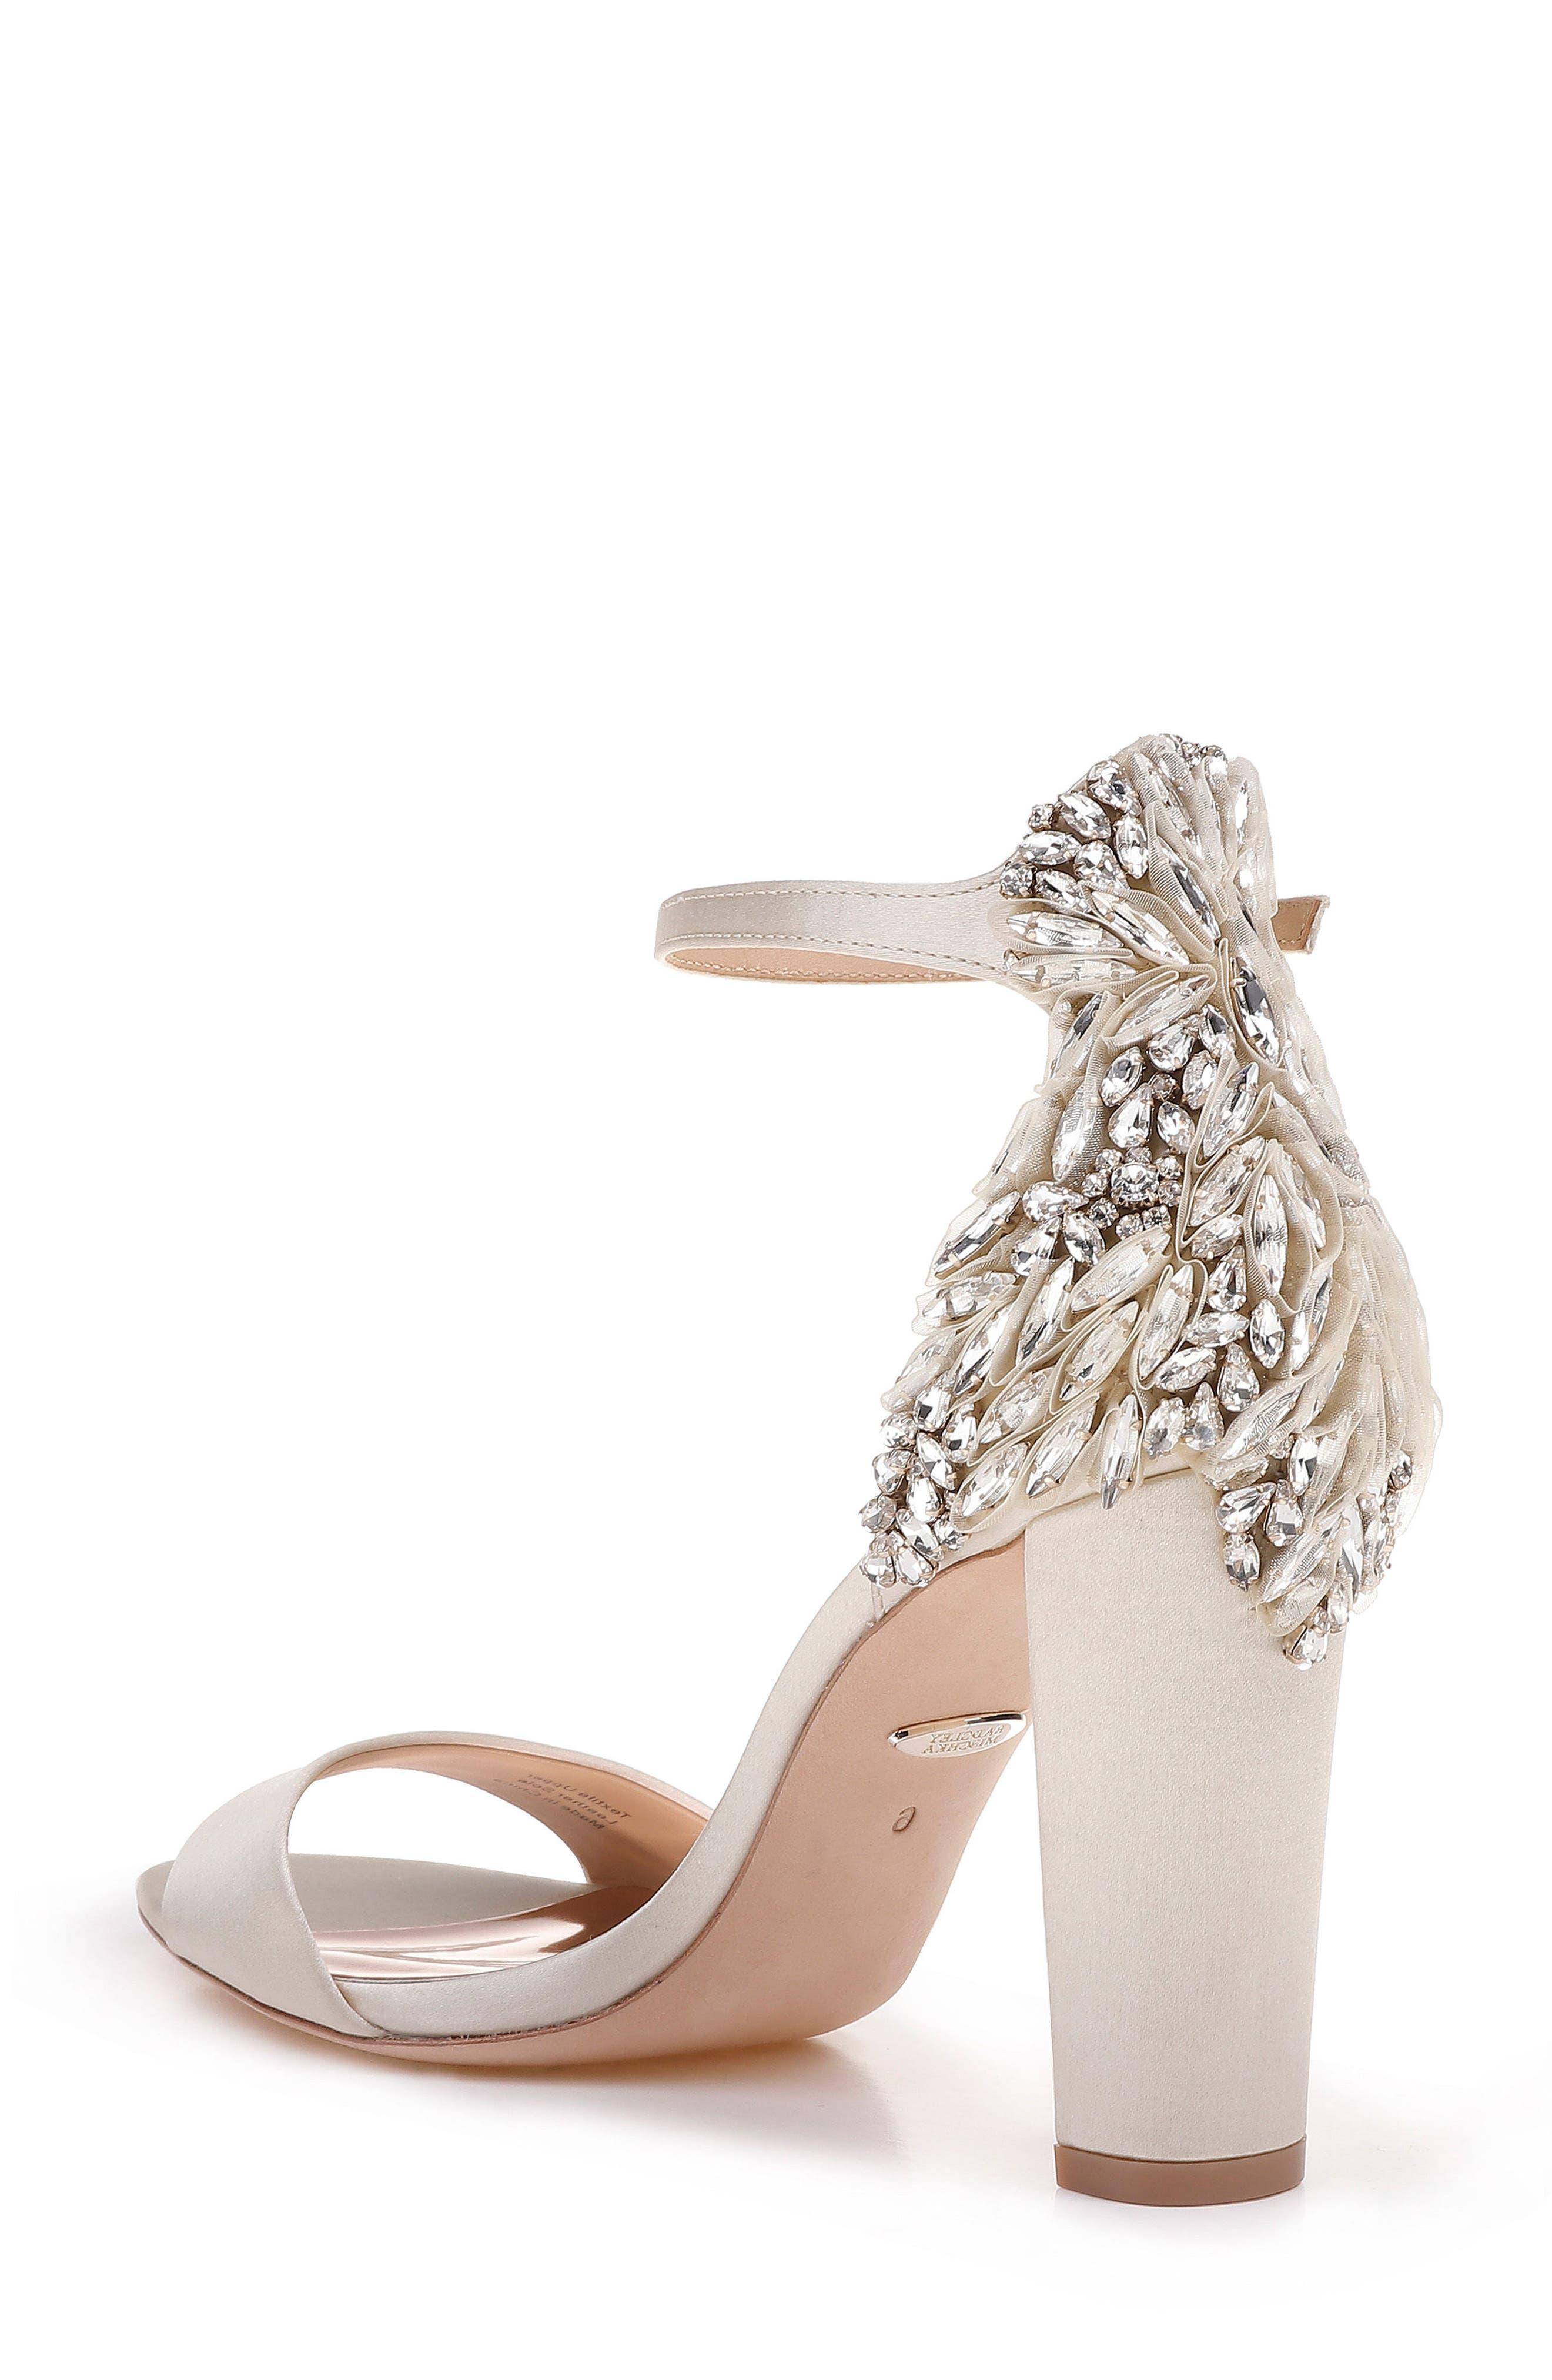 Badgley Mischka Women's Seina Embellished Satin Ankle Strap Sandals pYD16wM8